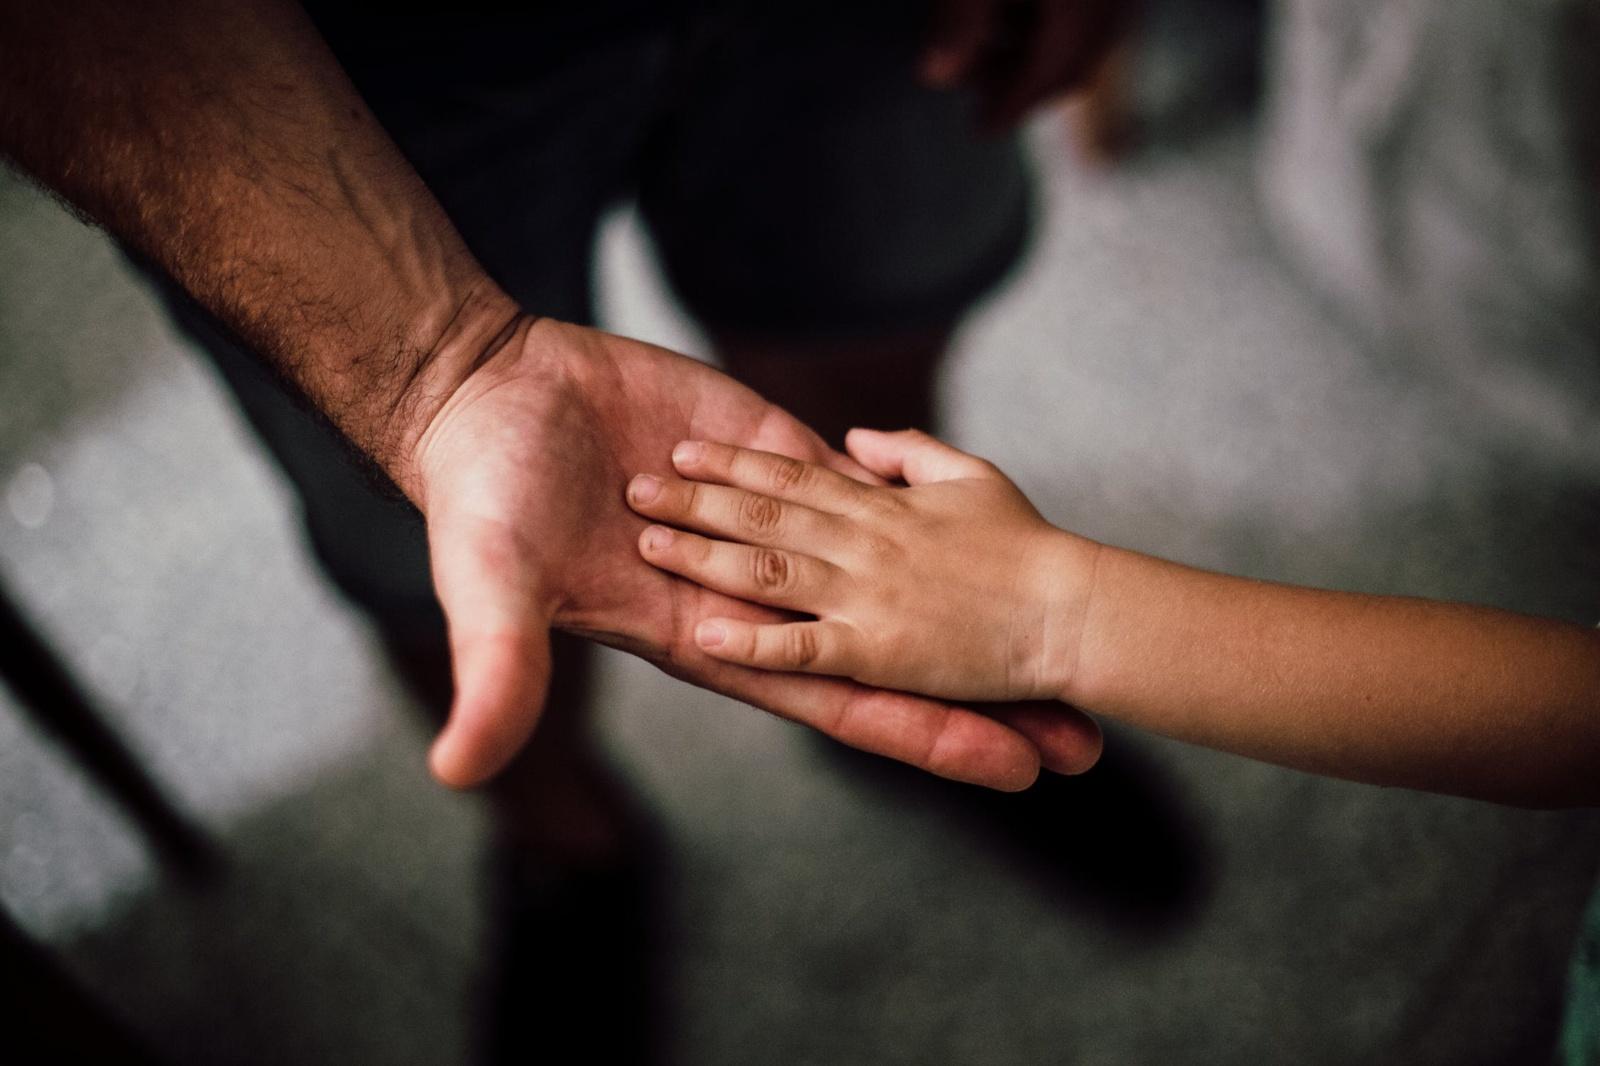 Šiemet nuo seksualinio smurto galimai nukentėjo 44 vaikai